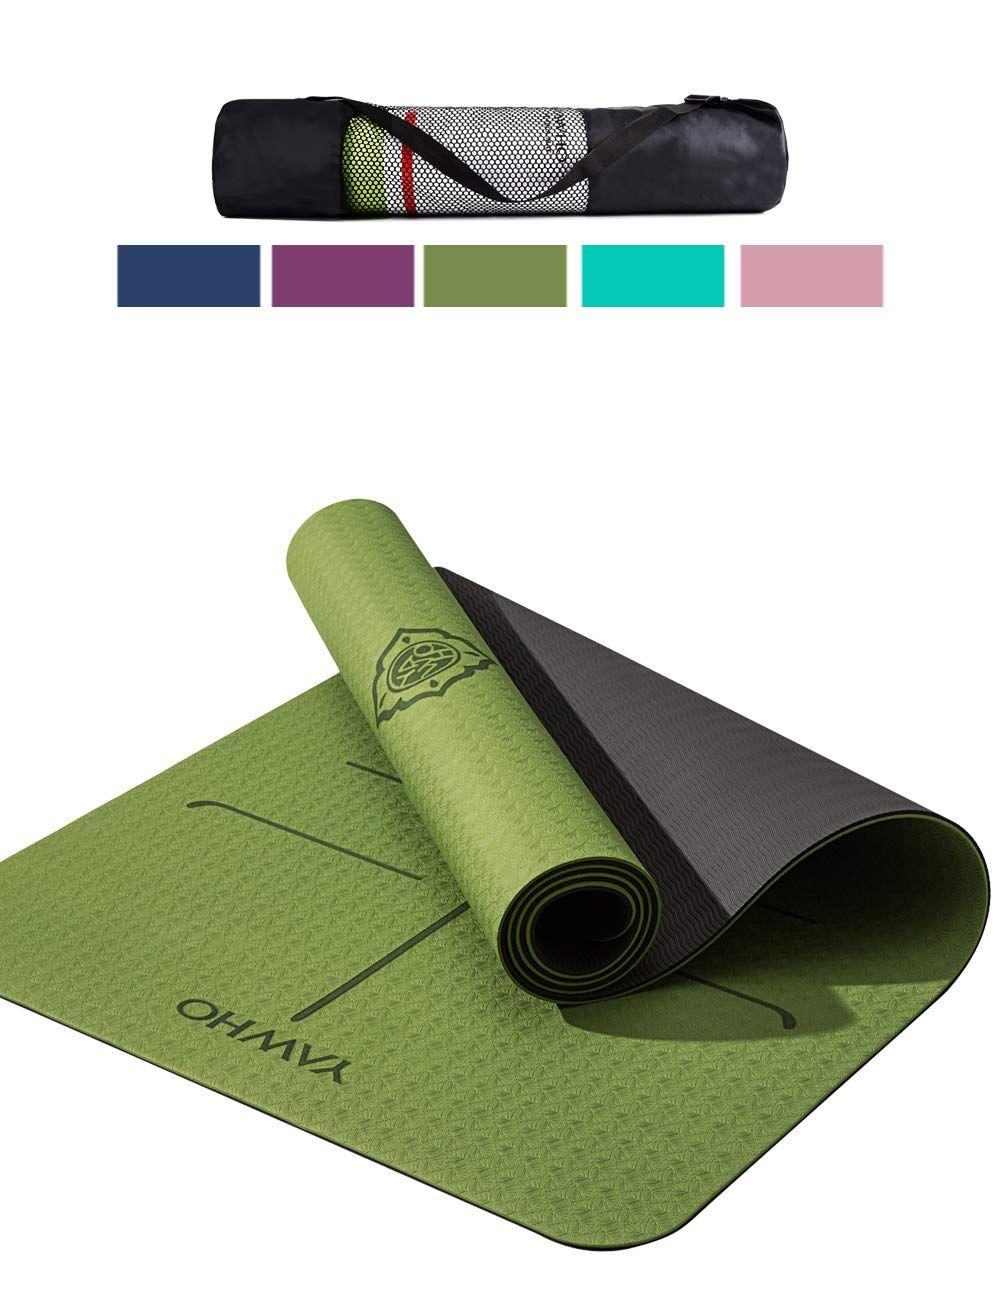 Yawho Tapis De Yoga Tapis Fitness Tapis D Exercice Matieres De Tpe Dimension 183cmx66cm Epais De 6 M